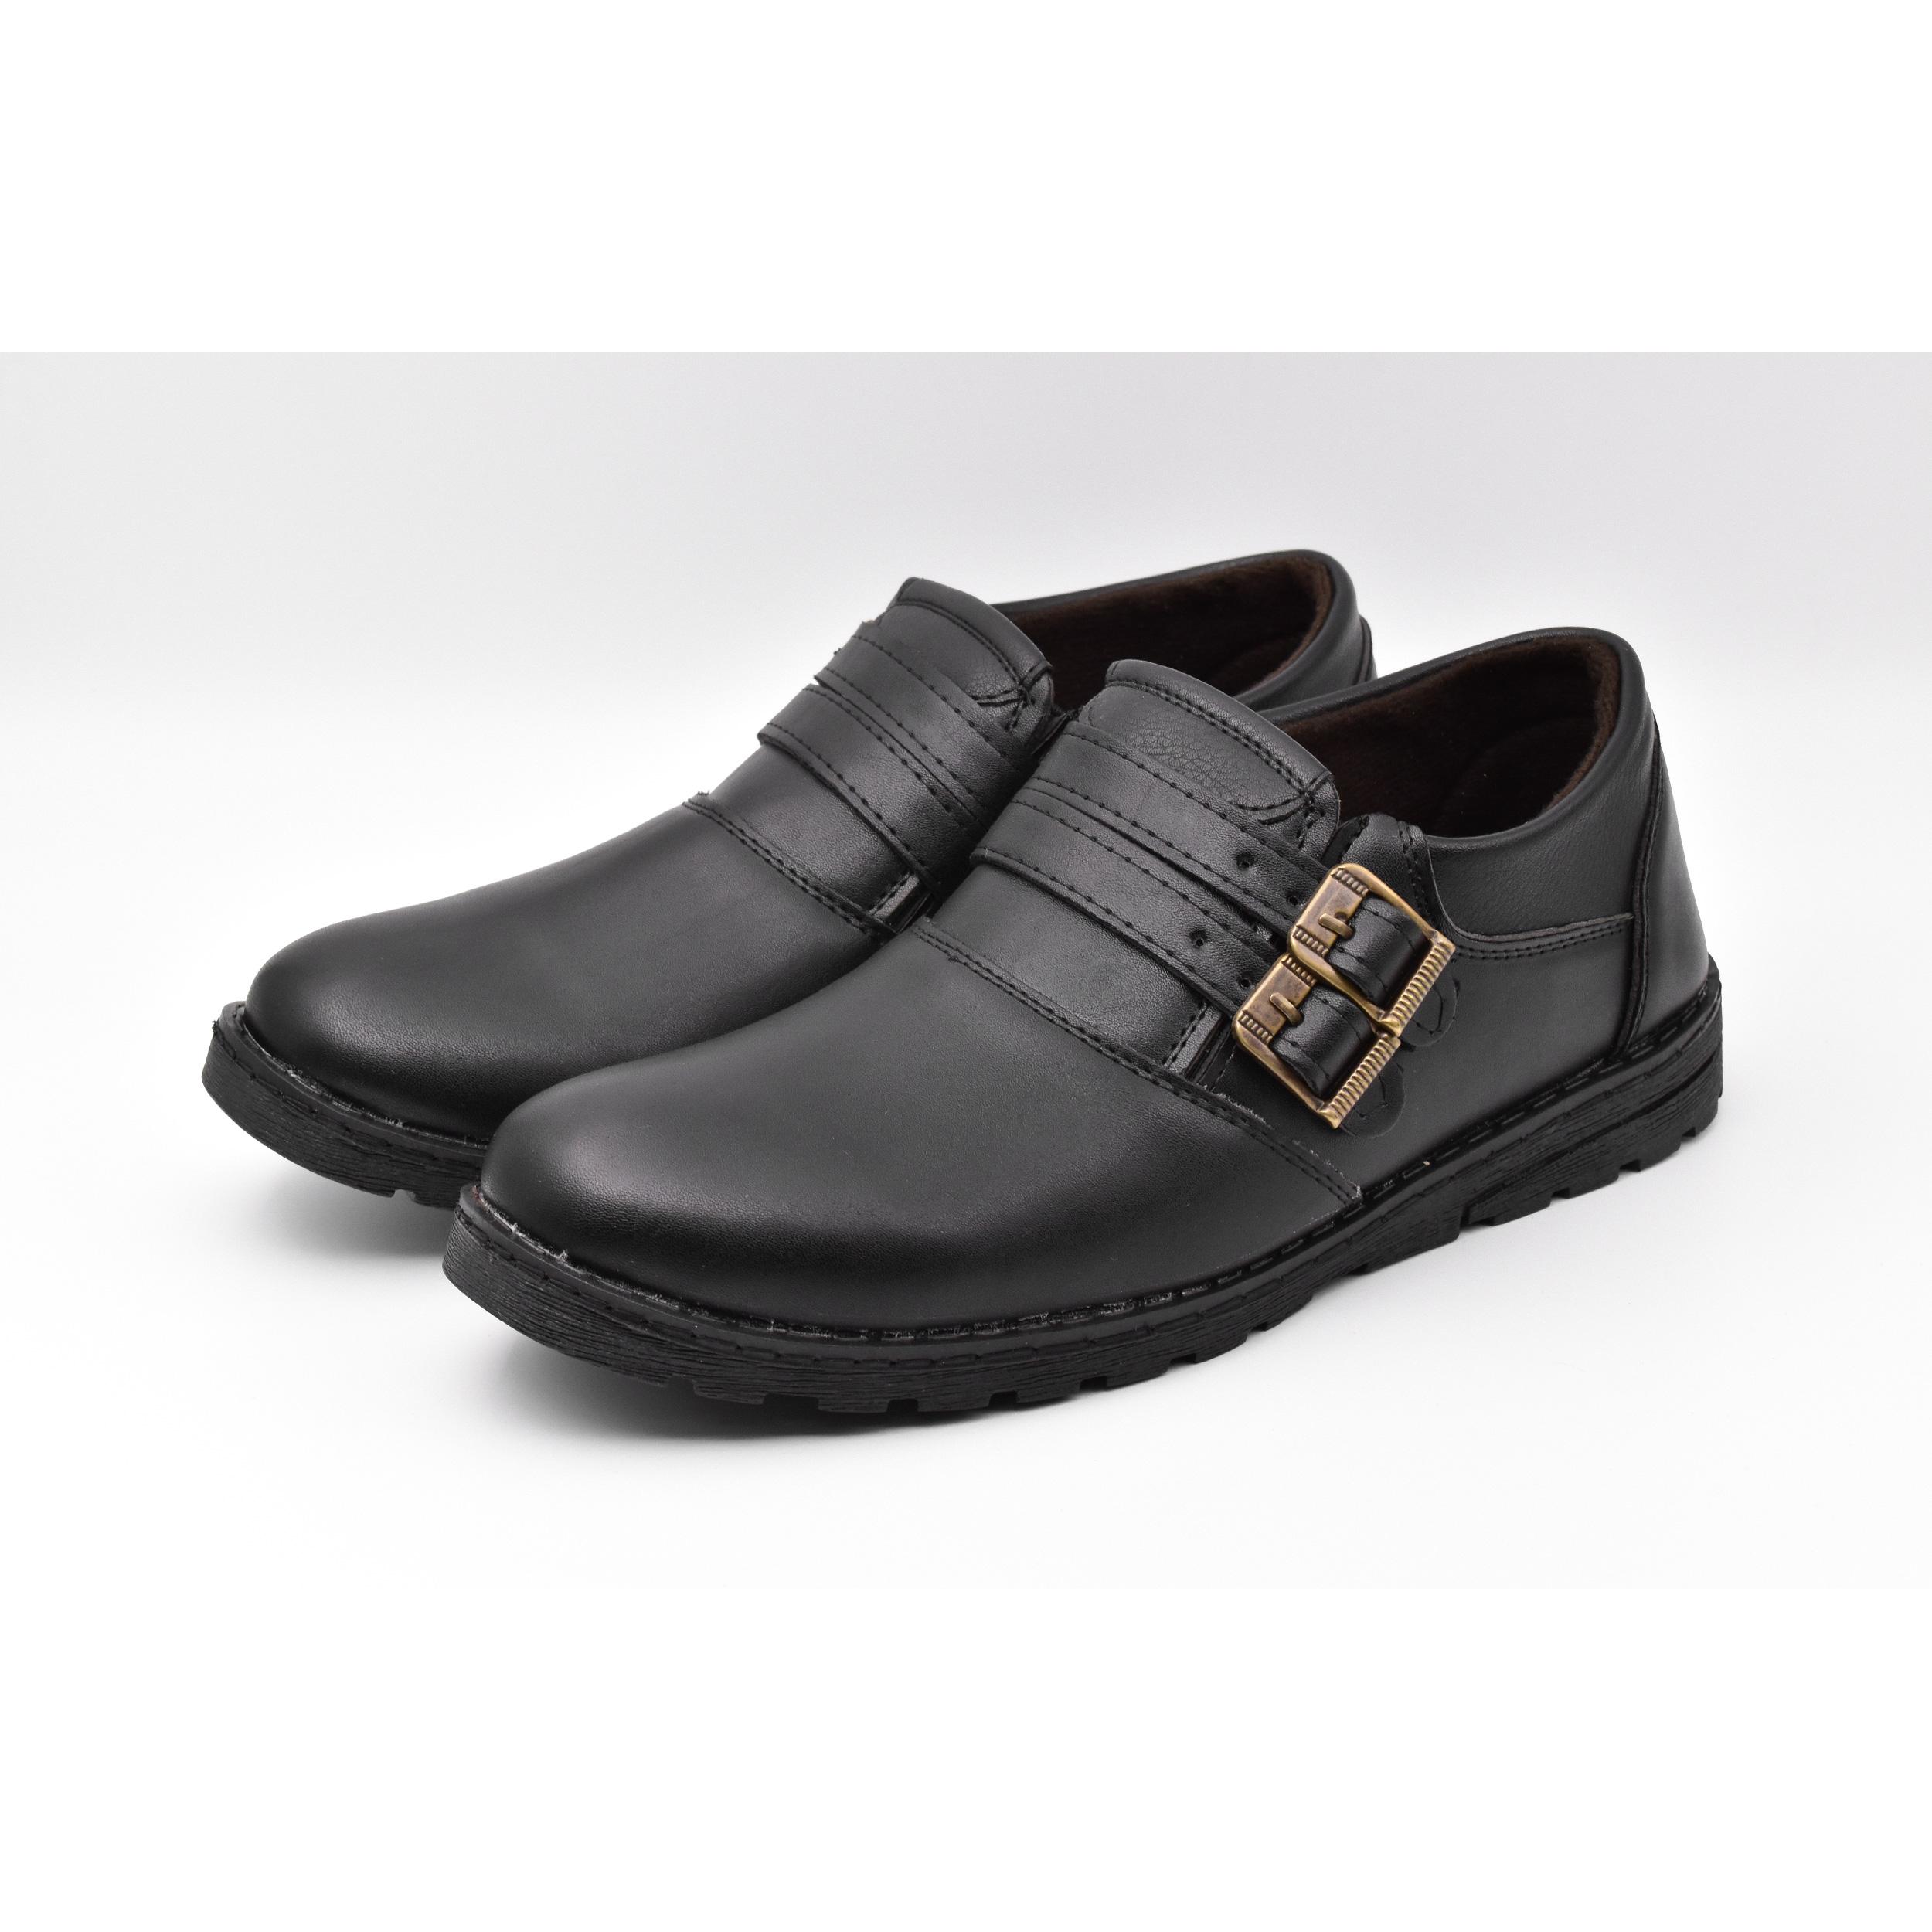 کفش روزمره مردانه مدل سگار کد JA6091 -  - 5